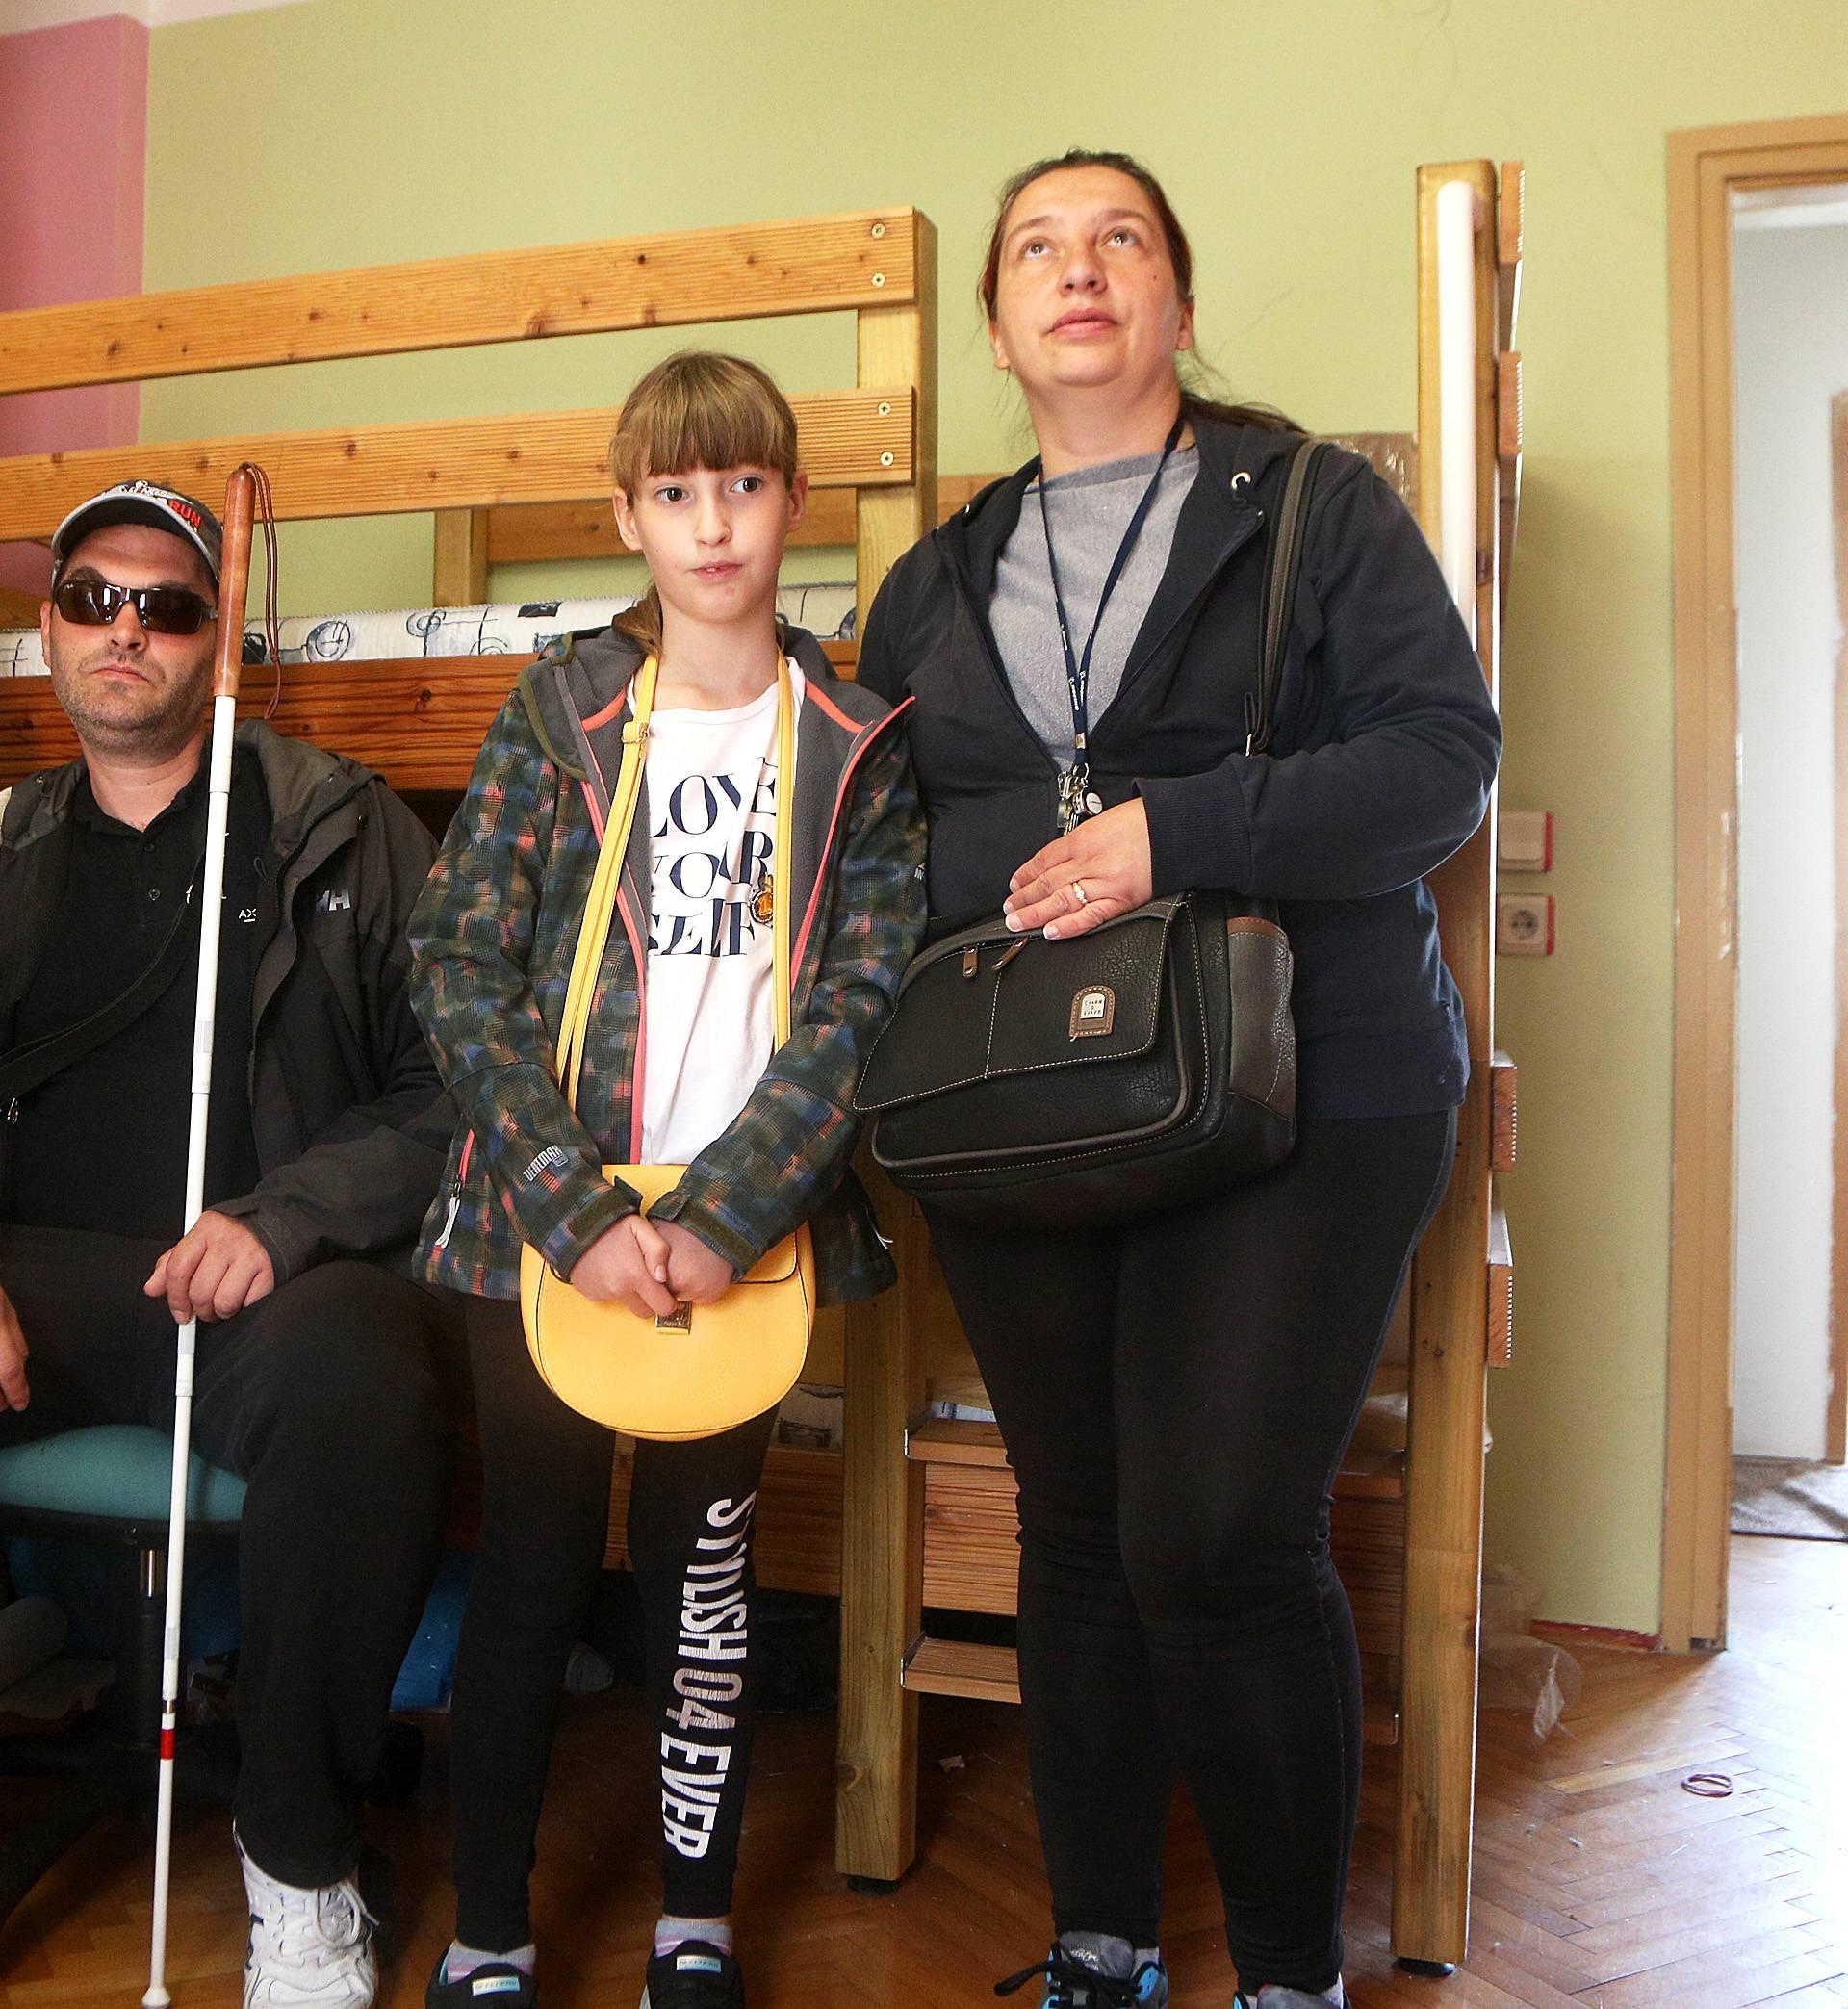 Obitelj Kosić izgubila je kuću: 'Samo želimo imati svoj dom'